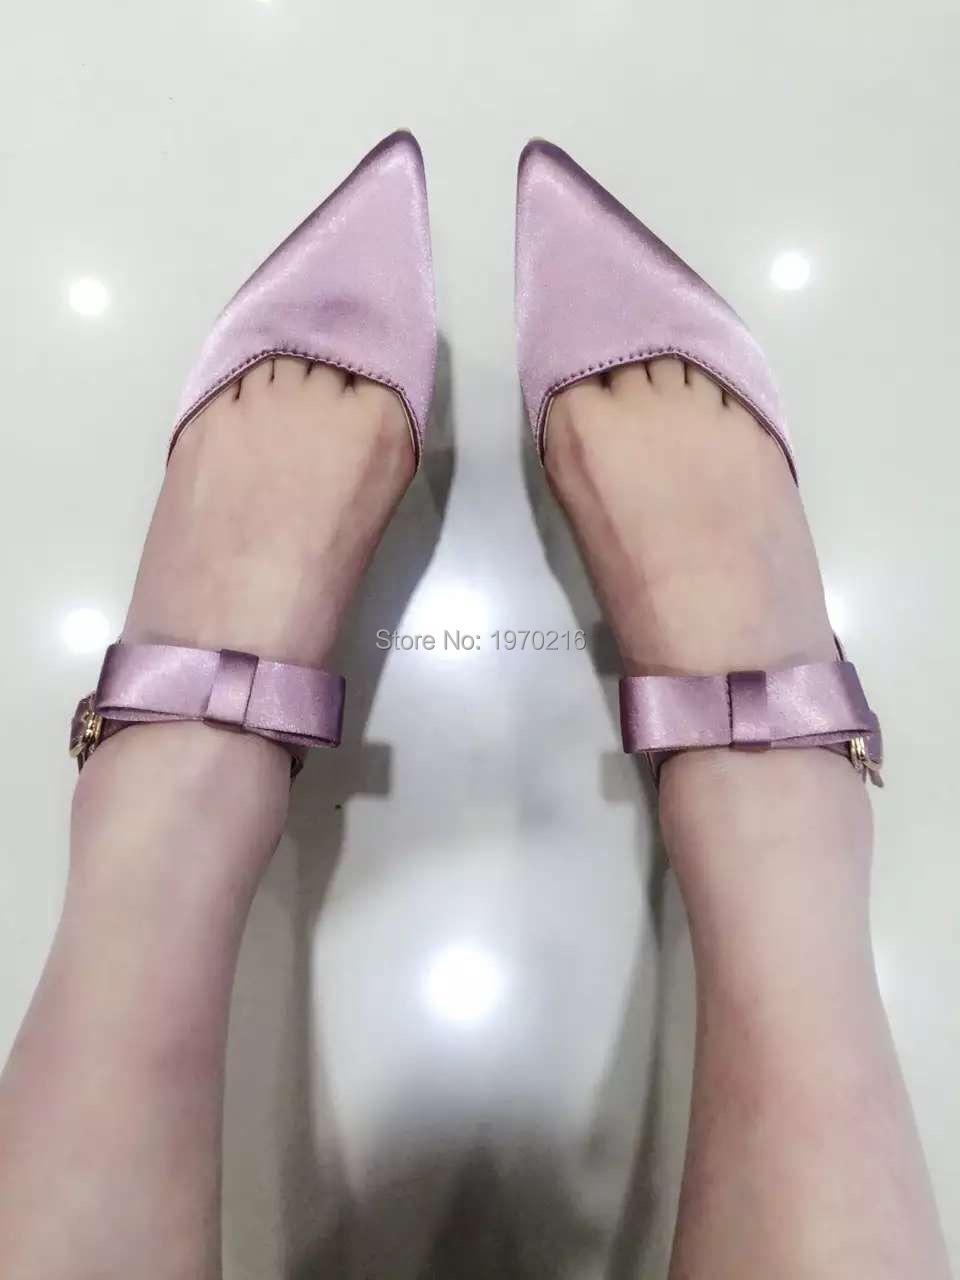 Fuchsia Heels For Cheap